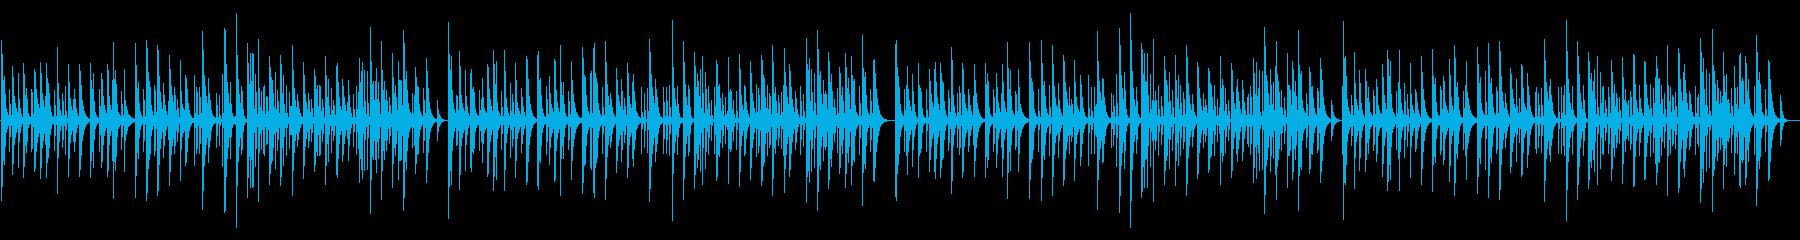 ピクニック 木琴アンサンブルの再生済みの波形